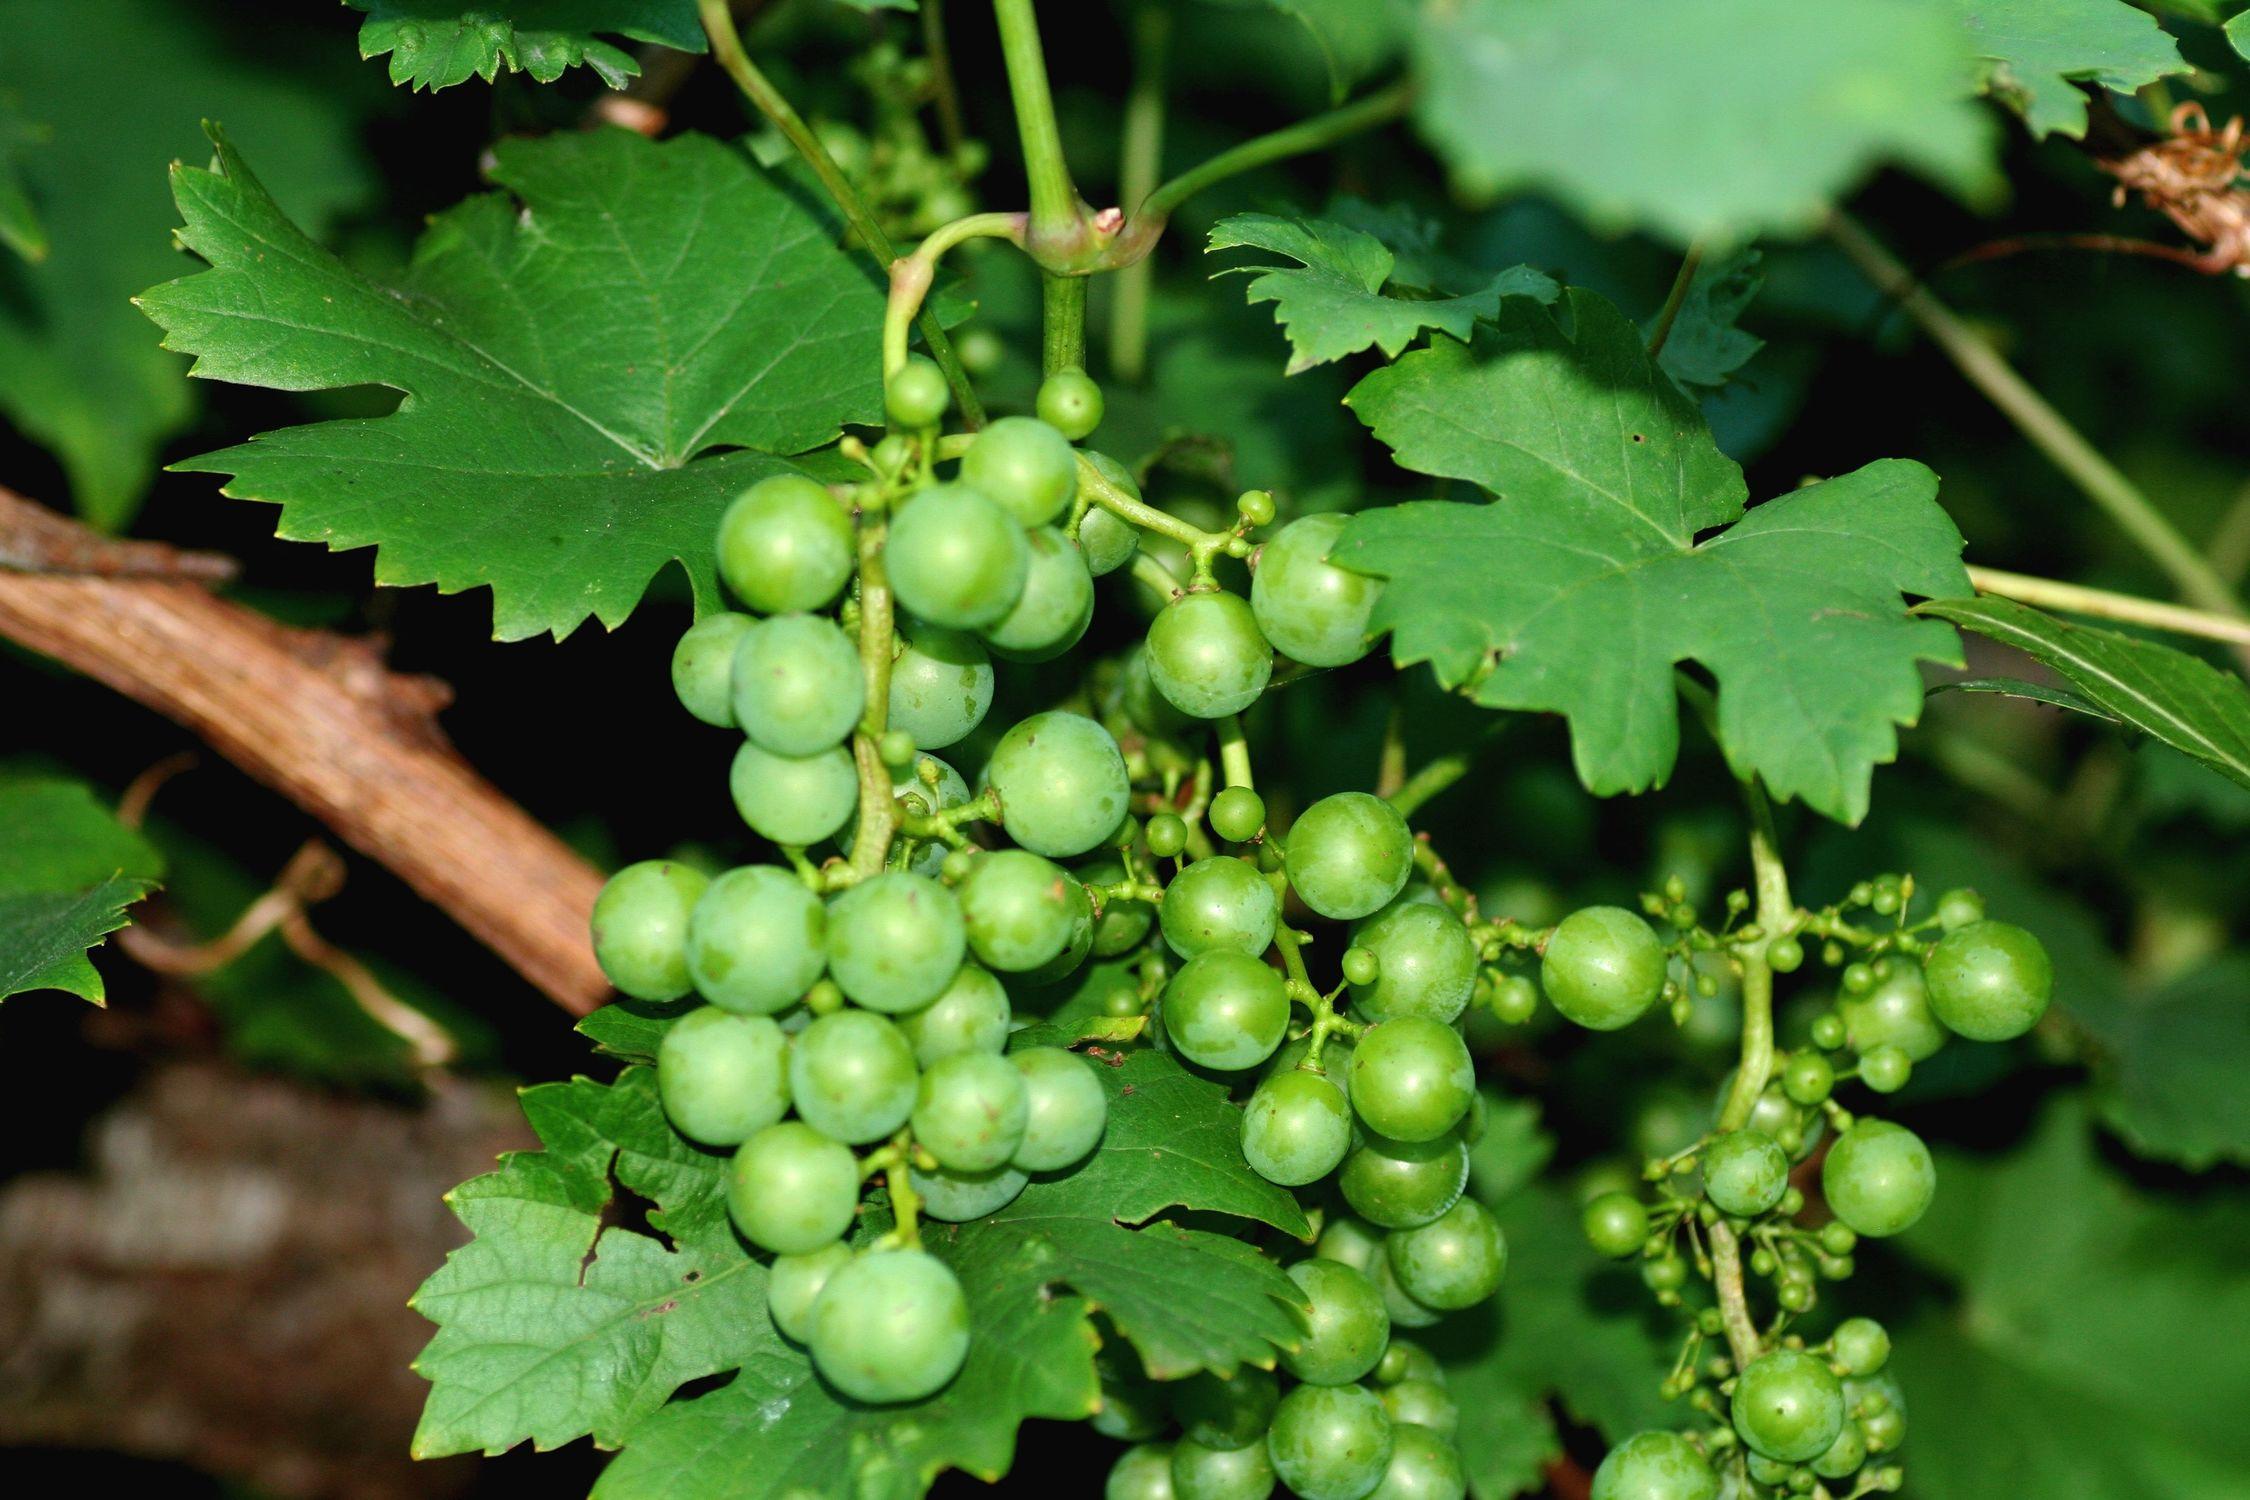 Bild mit Gegenstände, Natur, Pflanzen, Früchte, Lebensmittel, Essen, Blumen, Trauben, Weinstöcke, Weinreben, Weintraube, Weintrauben, Vitis, Traube, Weinbeere, Weinbeeren, Weinrebe, Rebe